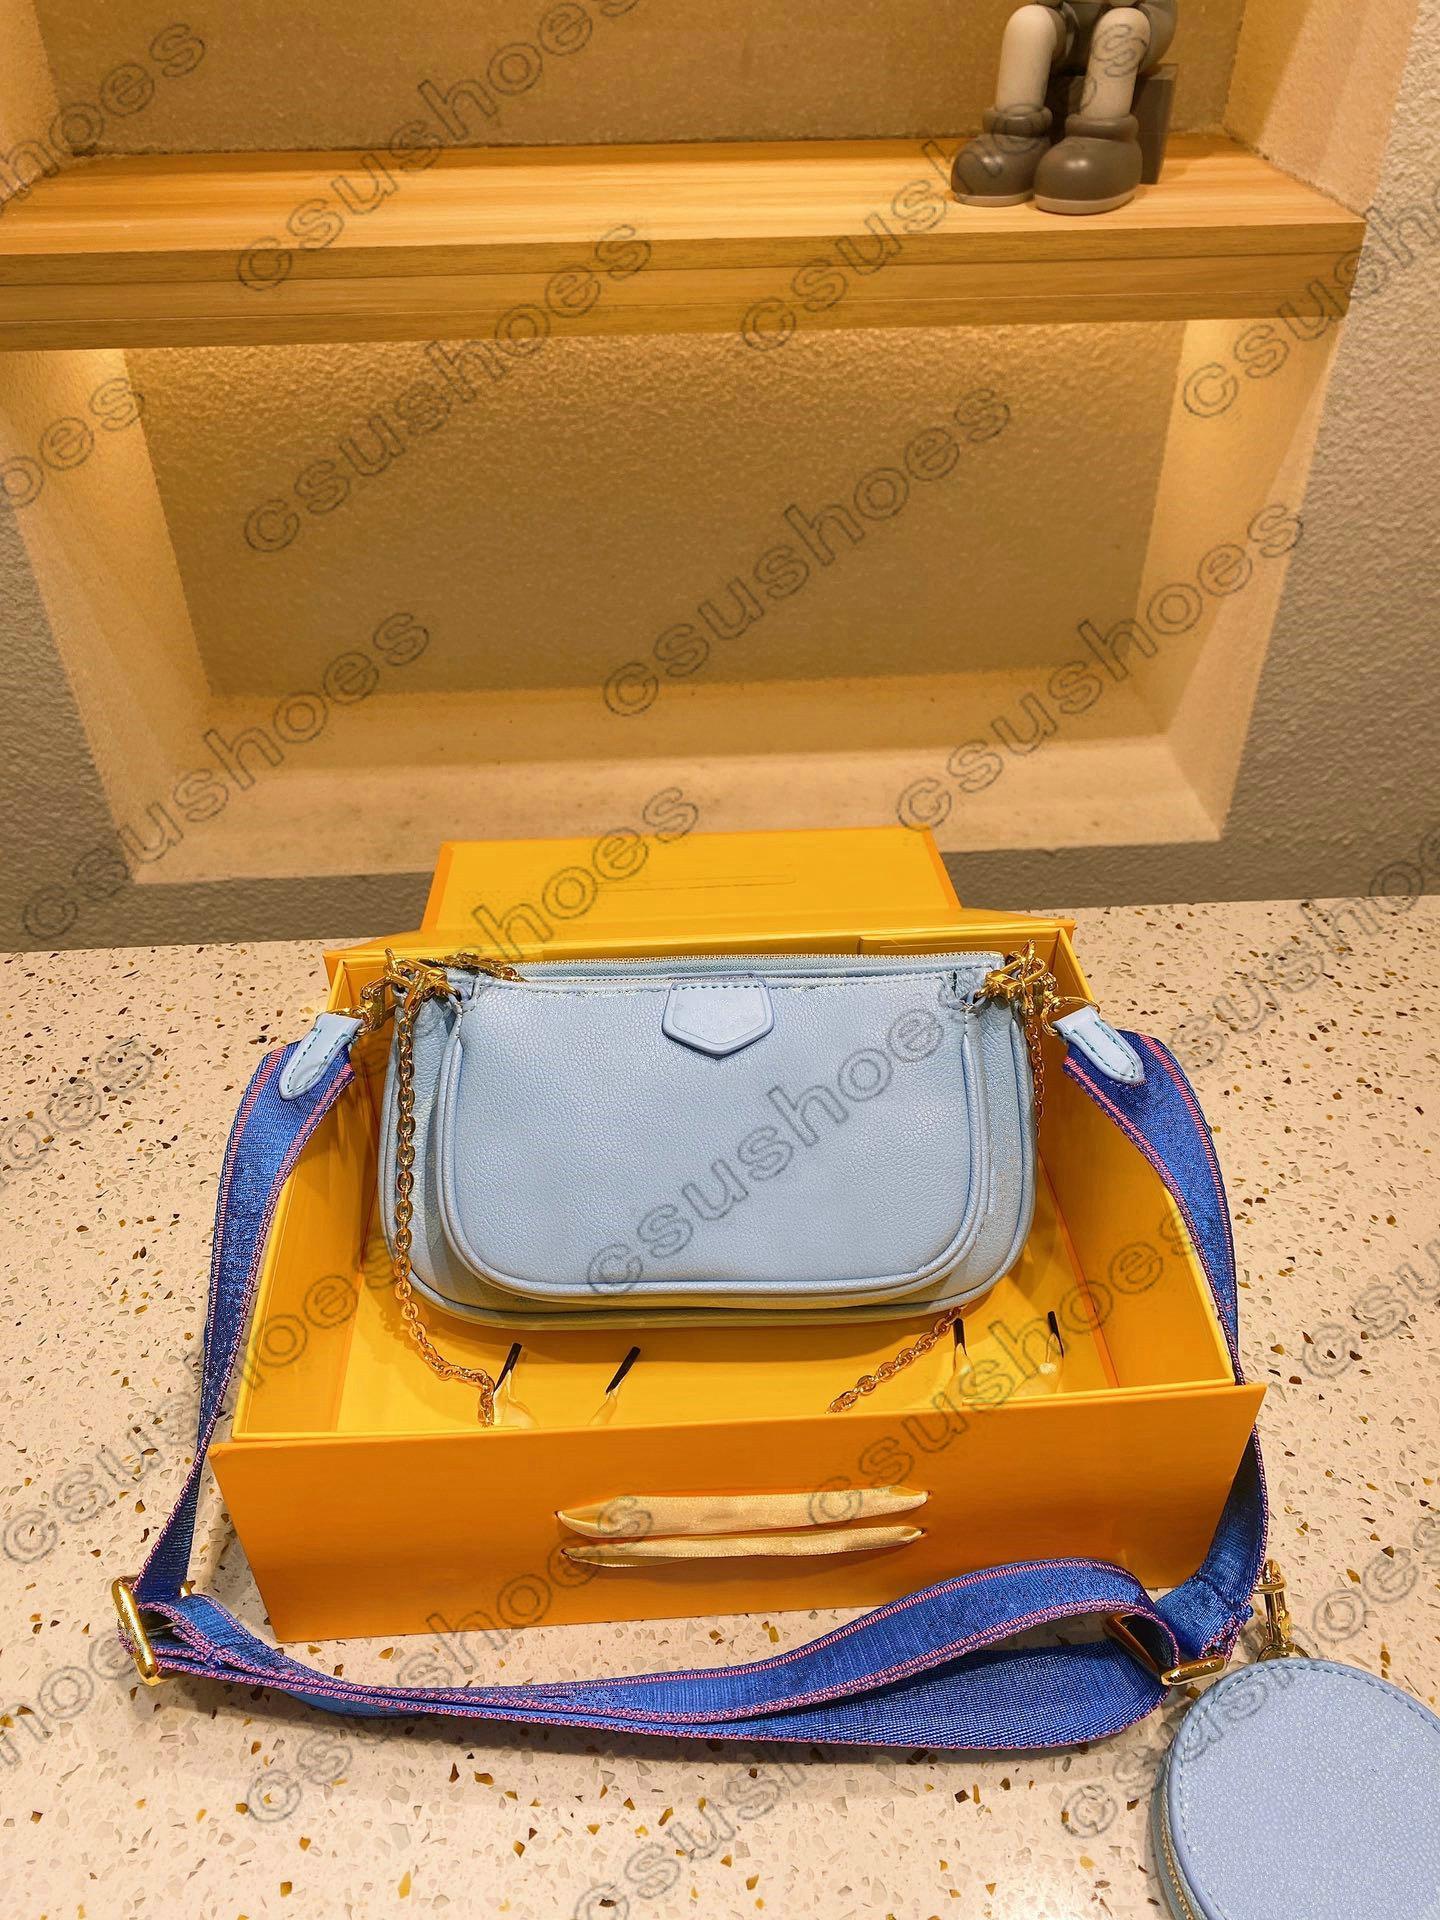 Mehrere Mini-Pochete Accessoires Multi Canvas Cross Body Bag Sommer 2021 am Pool Leder Runde Reißverschluss Münze Geldbörse 3Pcs Sets Luxurys Designer Umhängetaschen